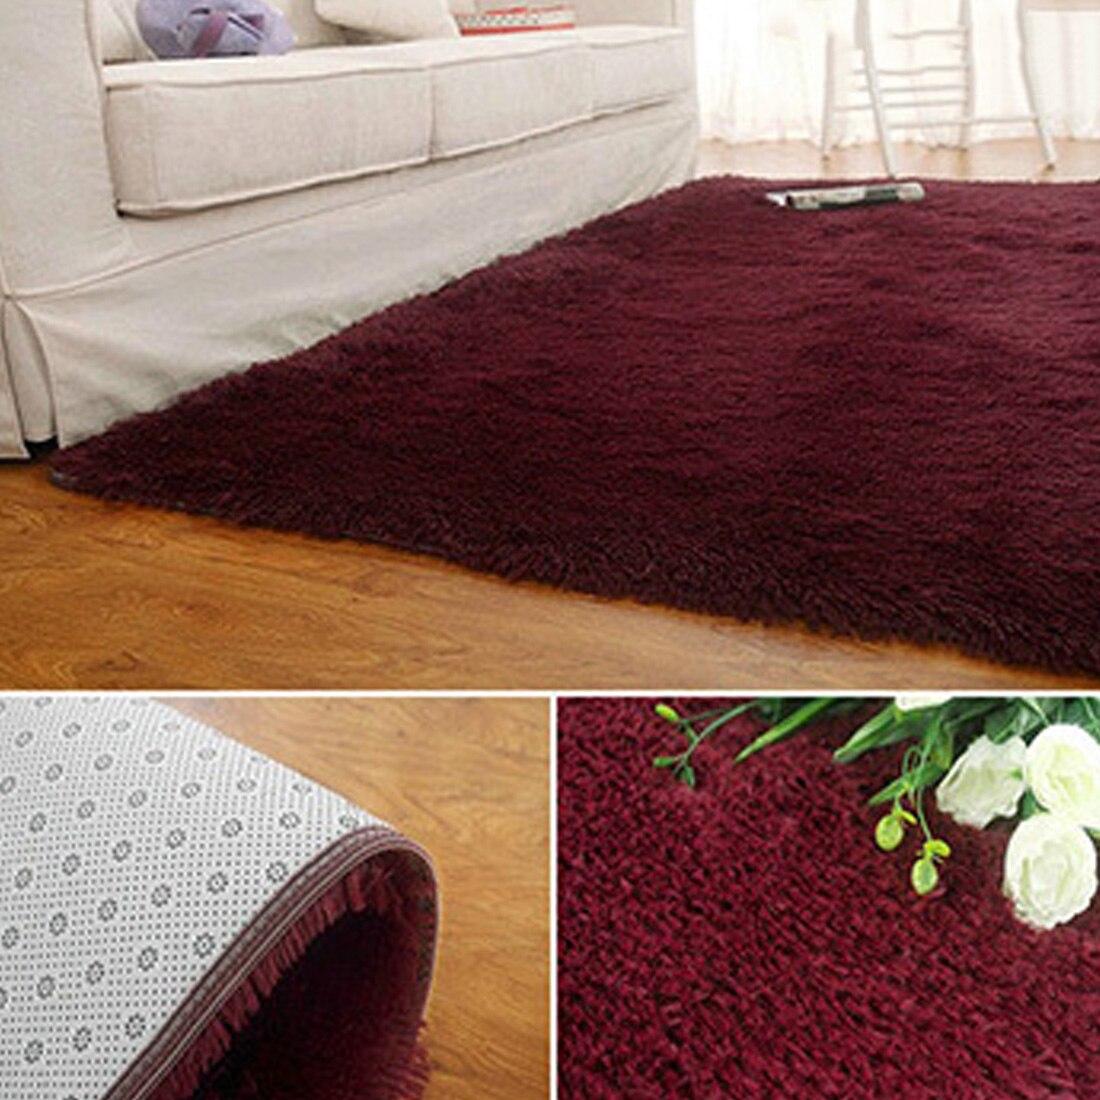 Living room bedroom Rug Antiskid soft carpet modern carpet mat purpule white pink gray 40x60cm 50x80cm 60x160cm 60x120cm in Rug from Home Garden